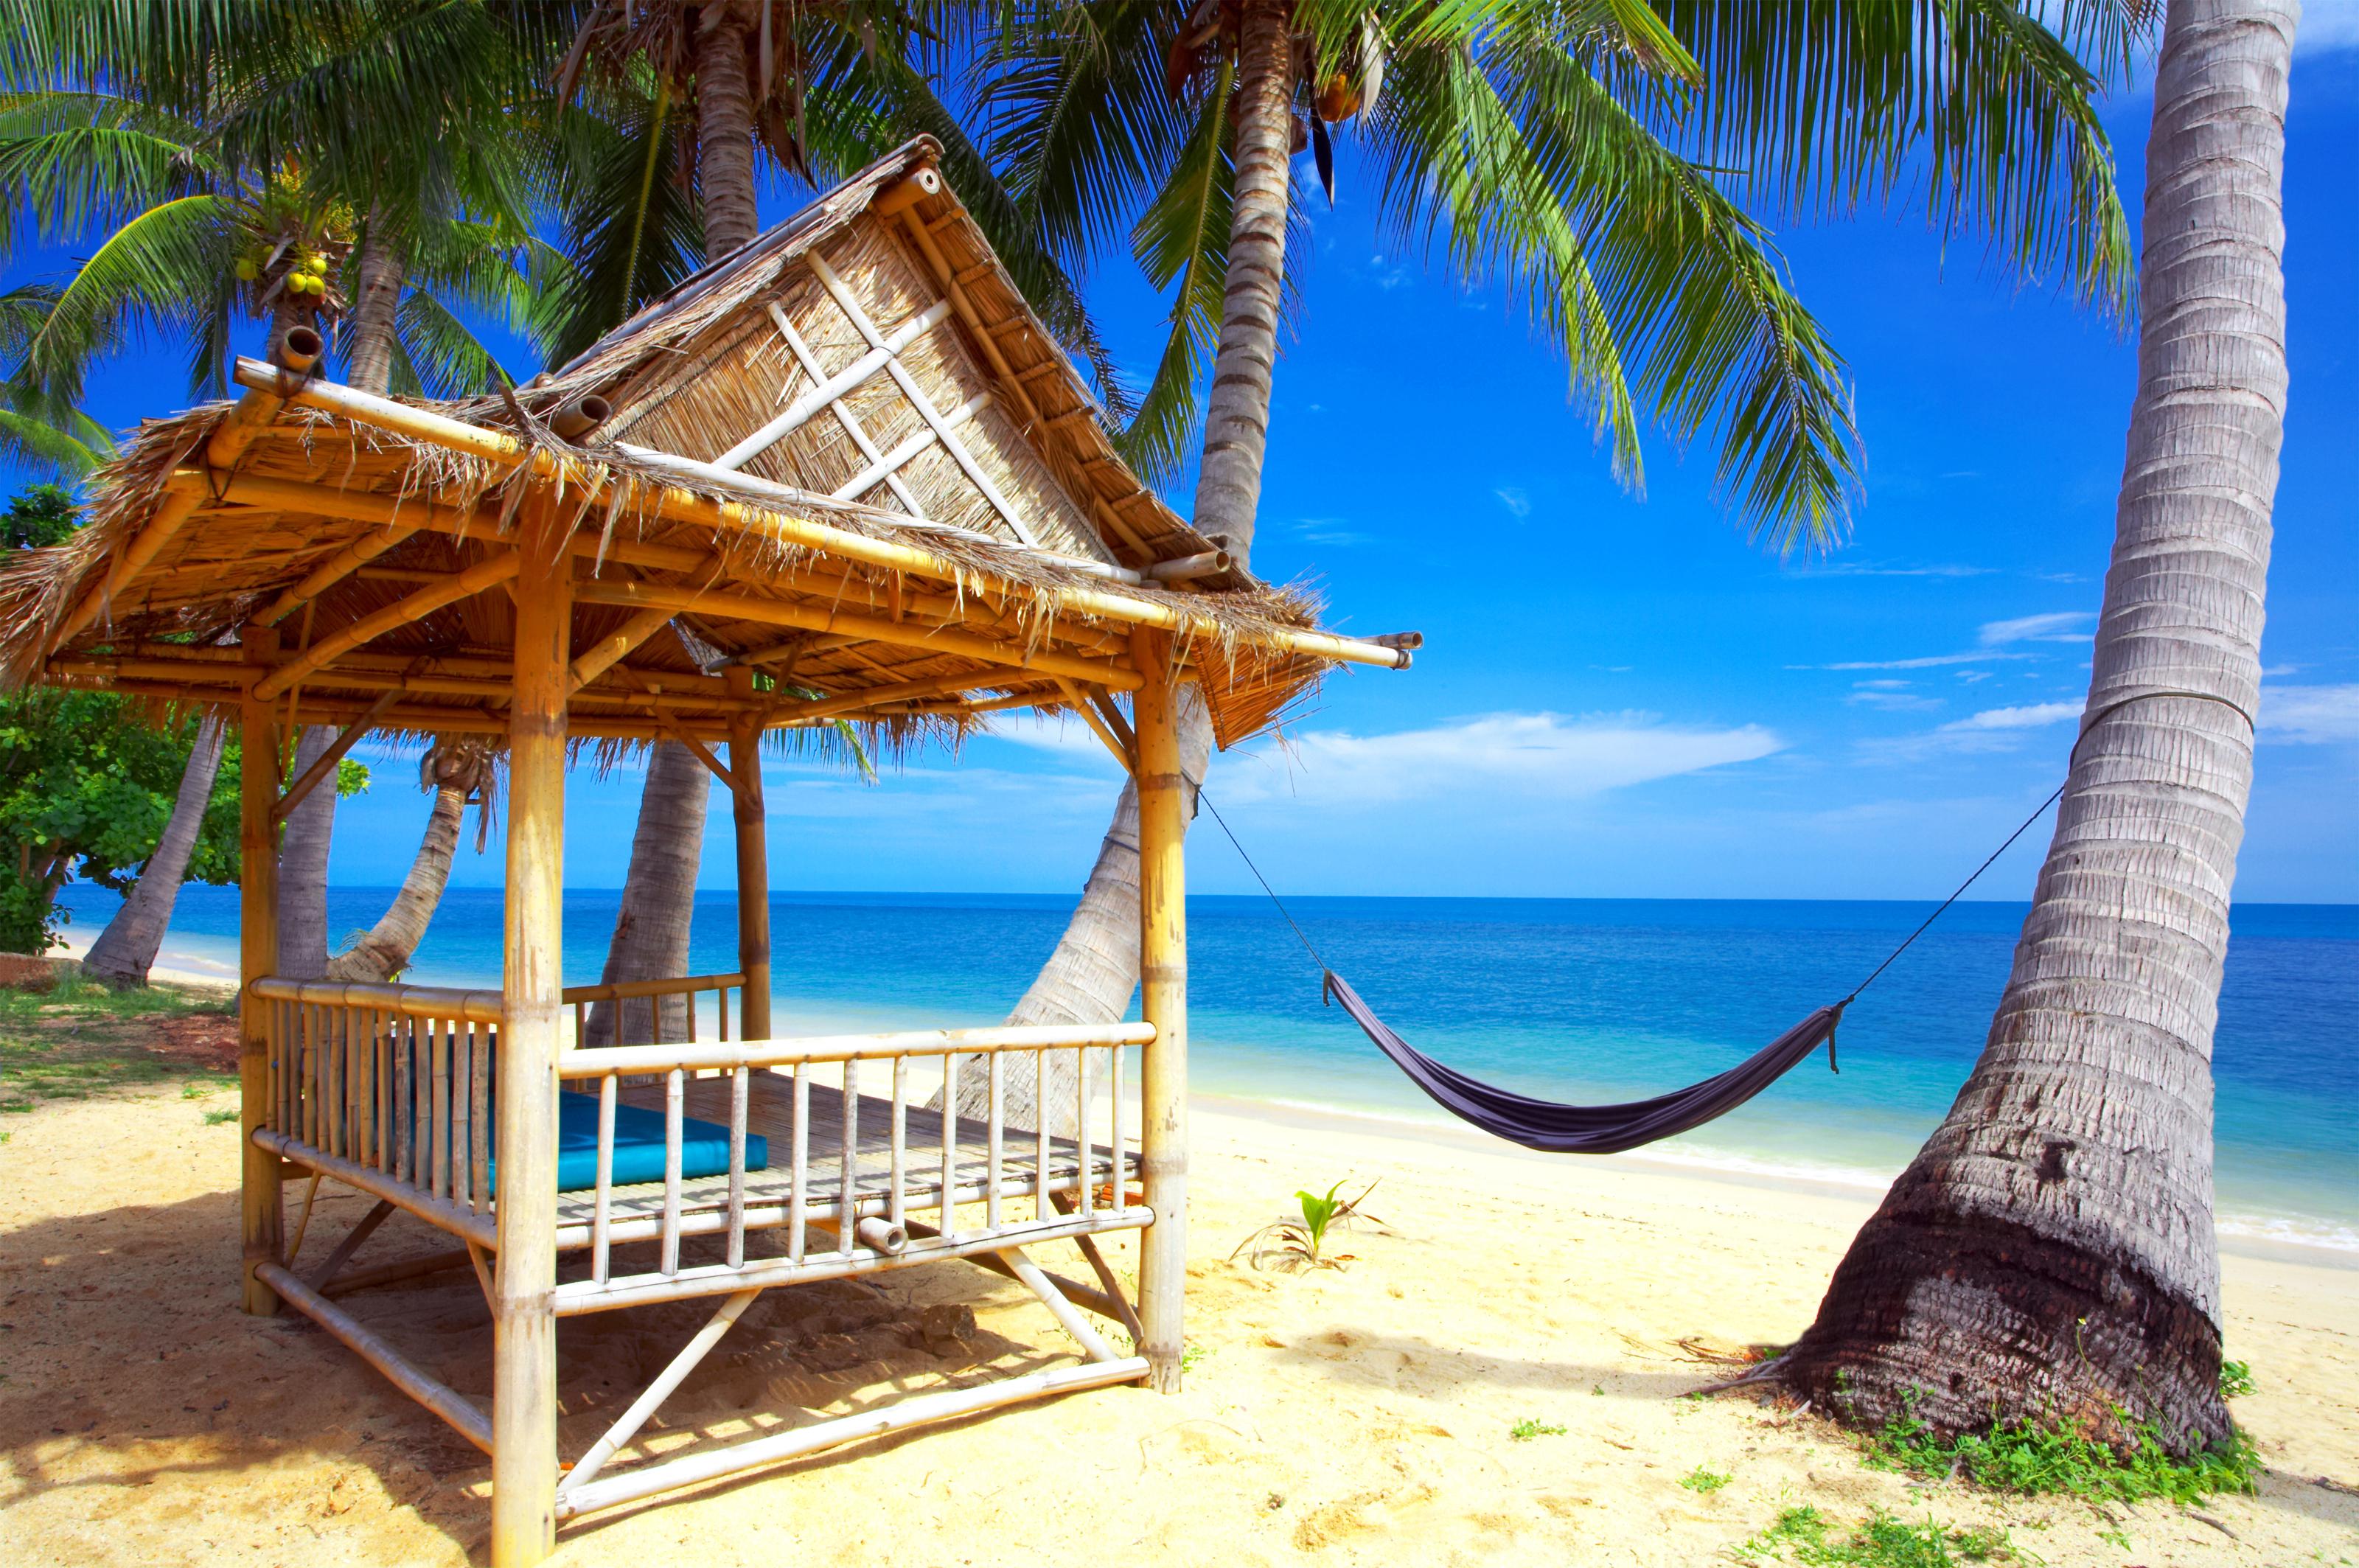 красивые фото моря и пляжа